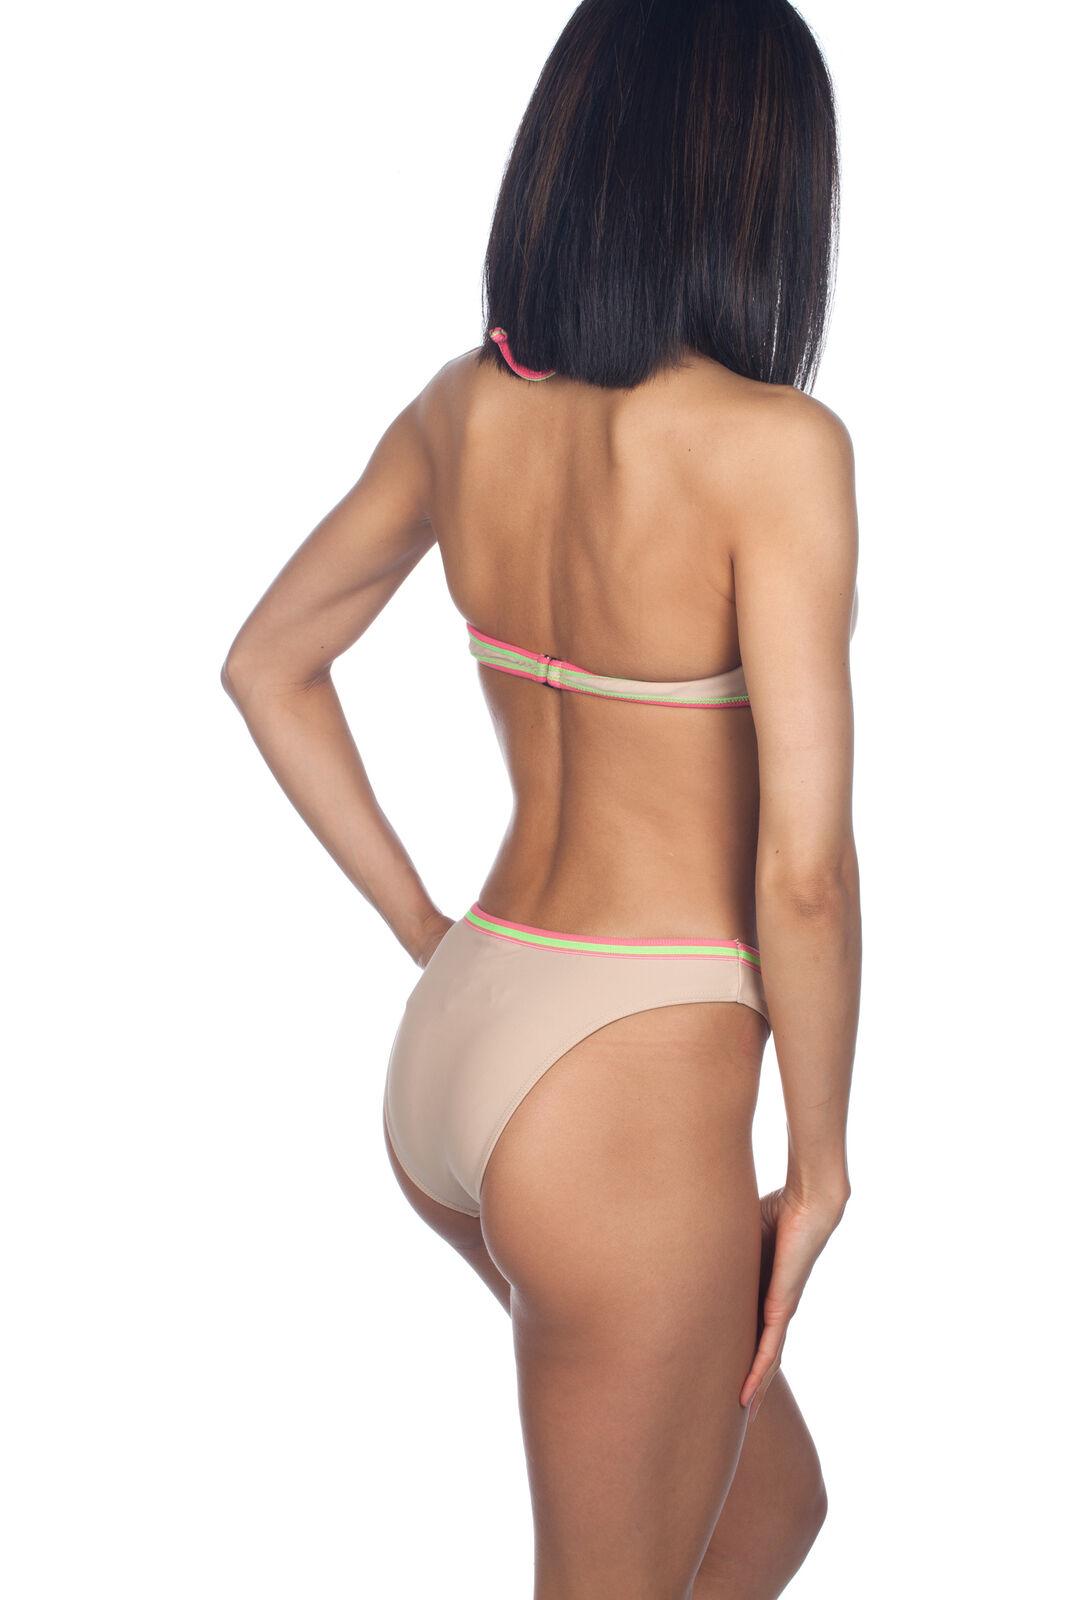 Rosa Cha Amir Slama Bügel Neckholder Brasilianischer Bikini Satz 2532